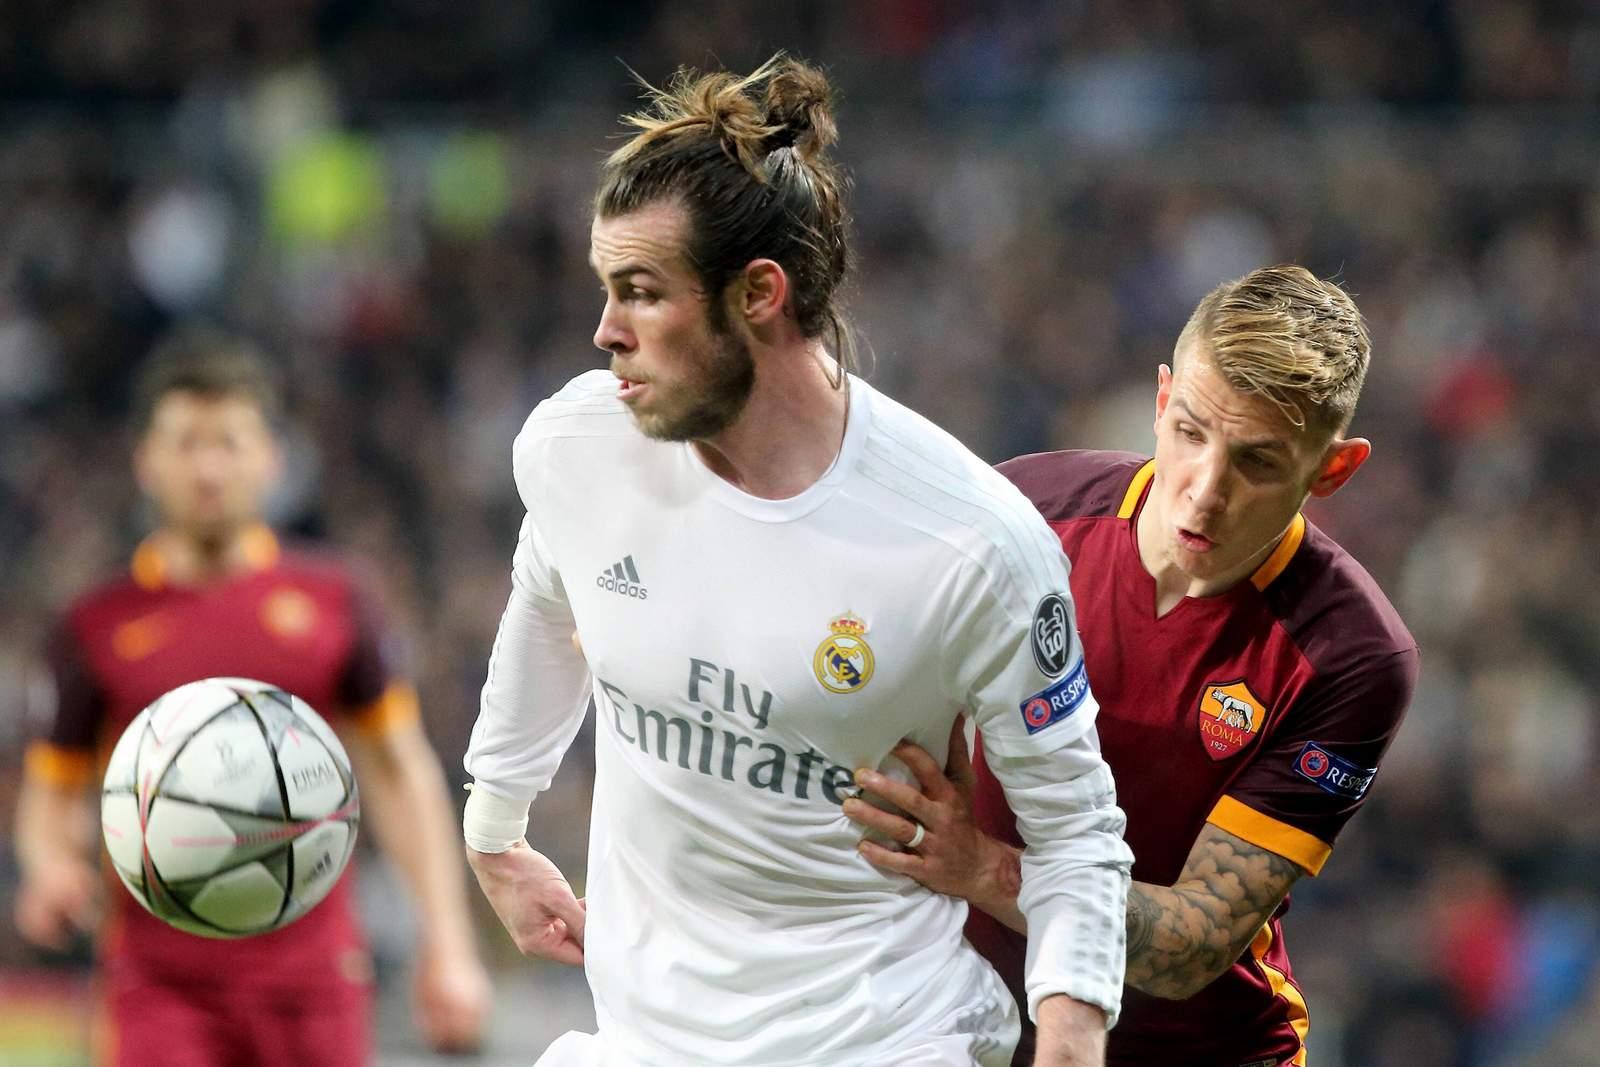 Setzt sich Bale wieder durch? Jetzt auf Real gegen AS Rom wetten